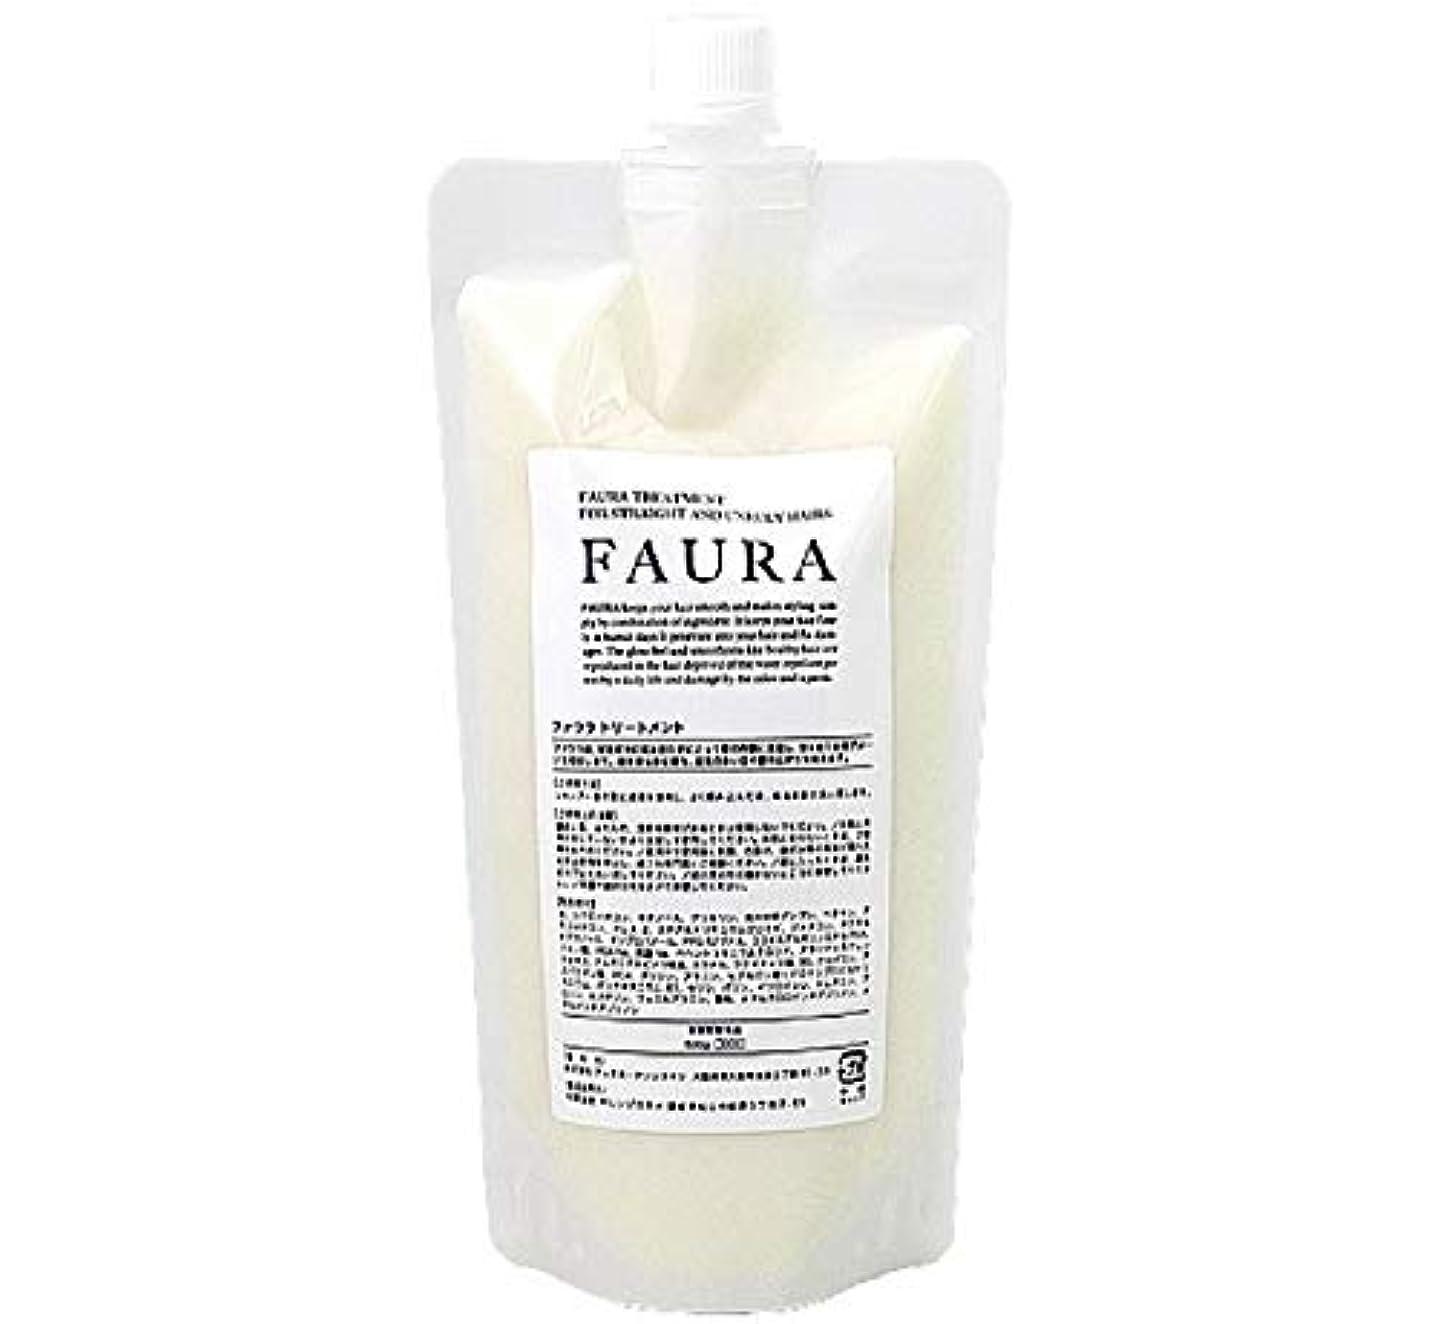 スーツ鳥前方へ【発売1年で3万本の売上】FAURA ファウラ ヘアトリートメント (傷んだ髪に) 詰替500g 【サロン専売品】